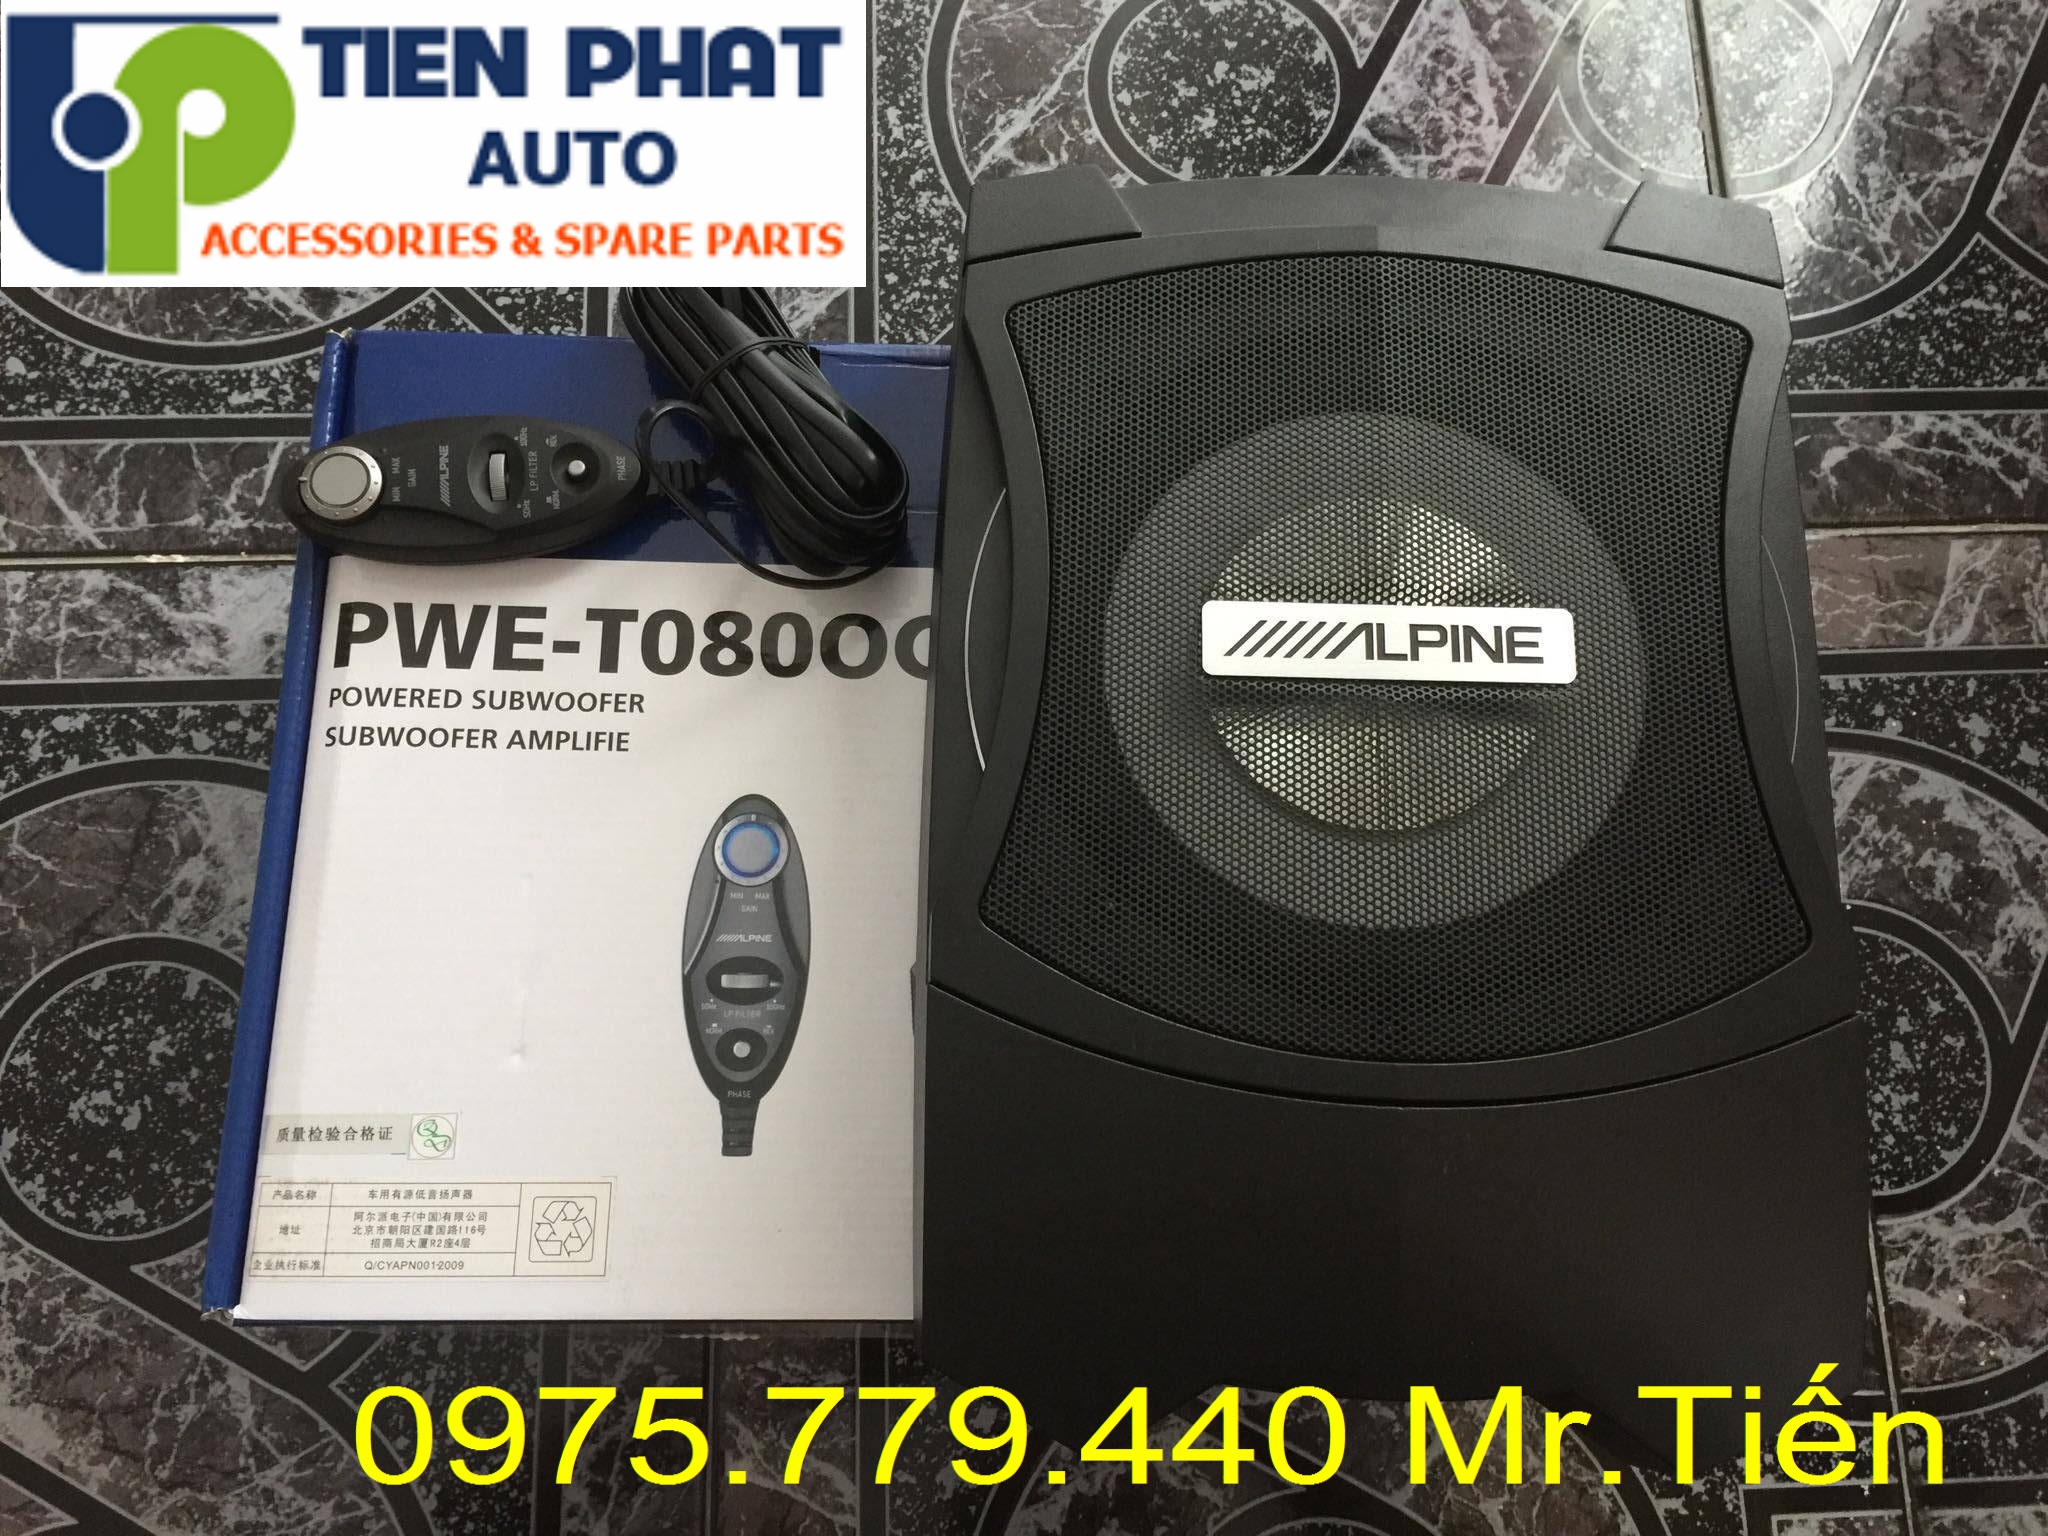 Lắp Loa sub Alpine PWE-T0800C cho Honda Crv Lắp Đặt Tận Nơi